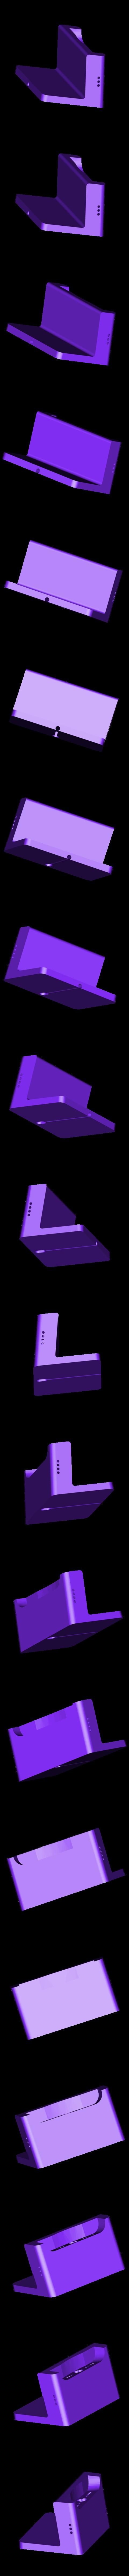 Dock_V2.4_Cults3D.STL Télécharger fichier STL gratuit Dock de Bureau pour iPhone 5 • Objet pour impression 3D, printlab